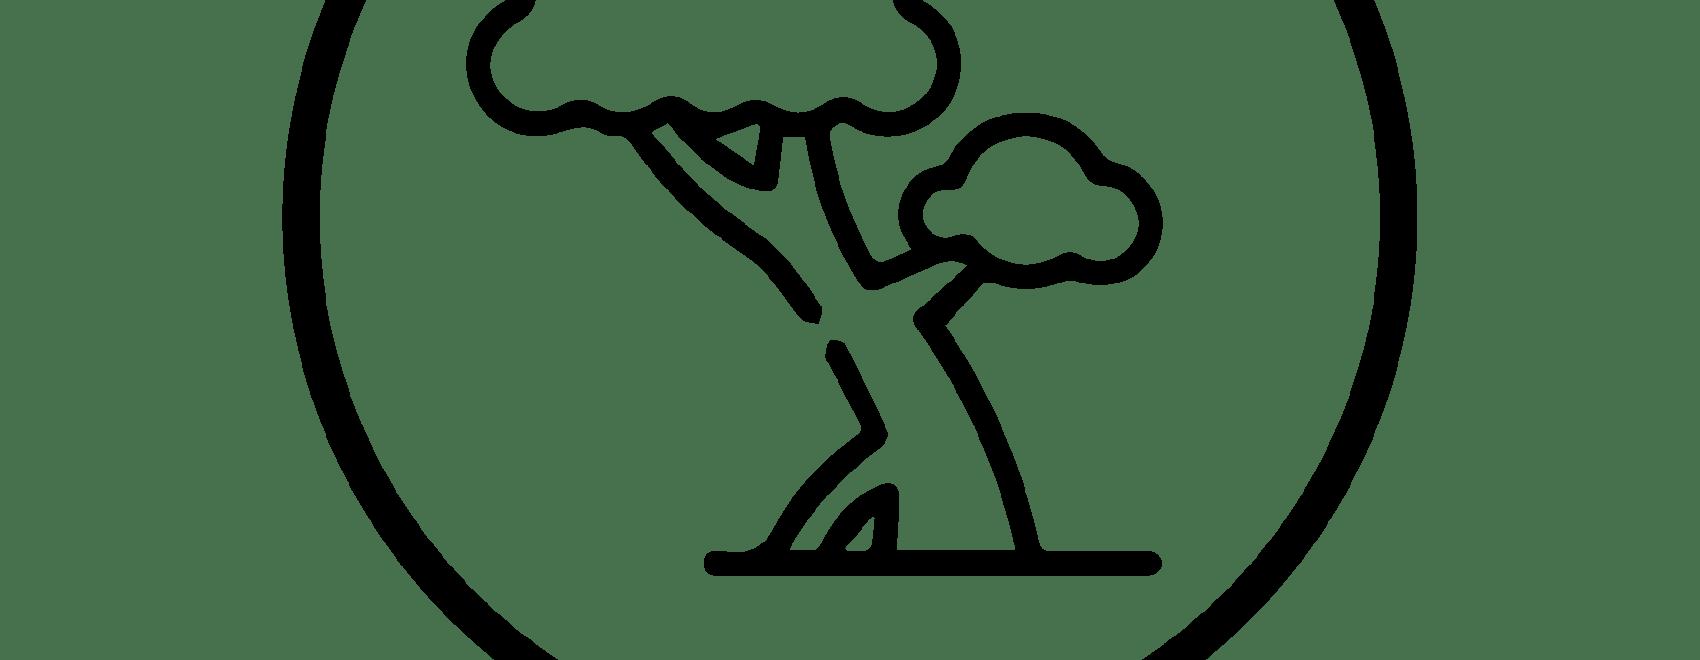 Sorry Tree logo